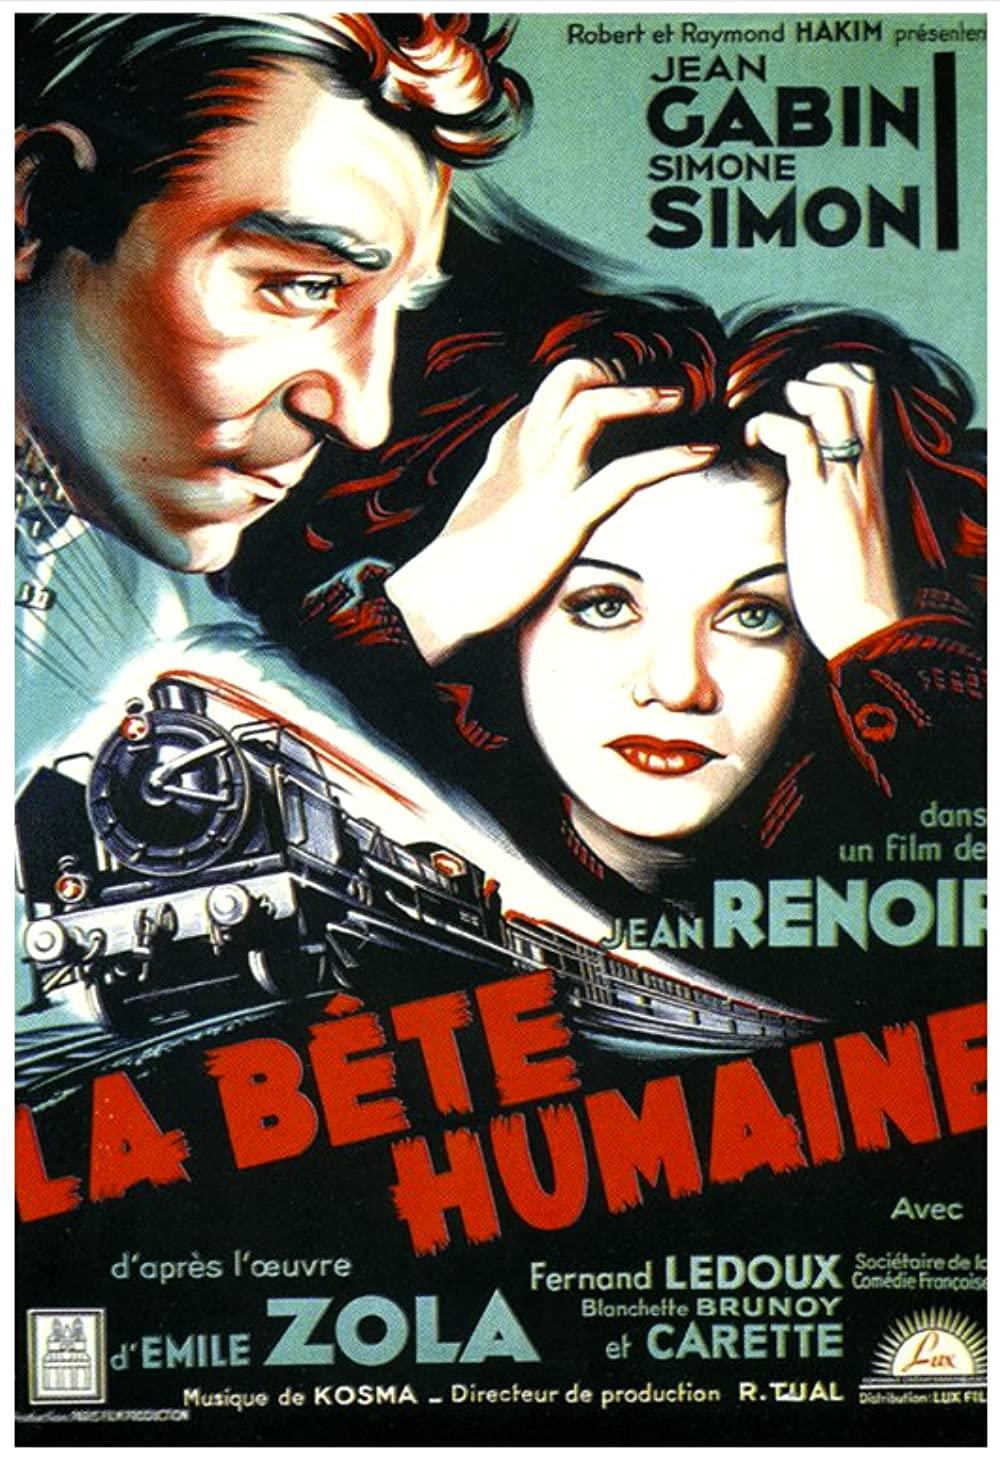 مشاهدة فيلم La Bete Humaine / The Human Beast 1938 مترجم